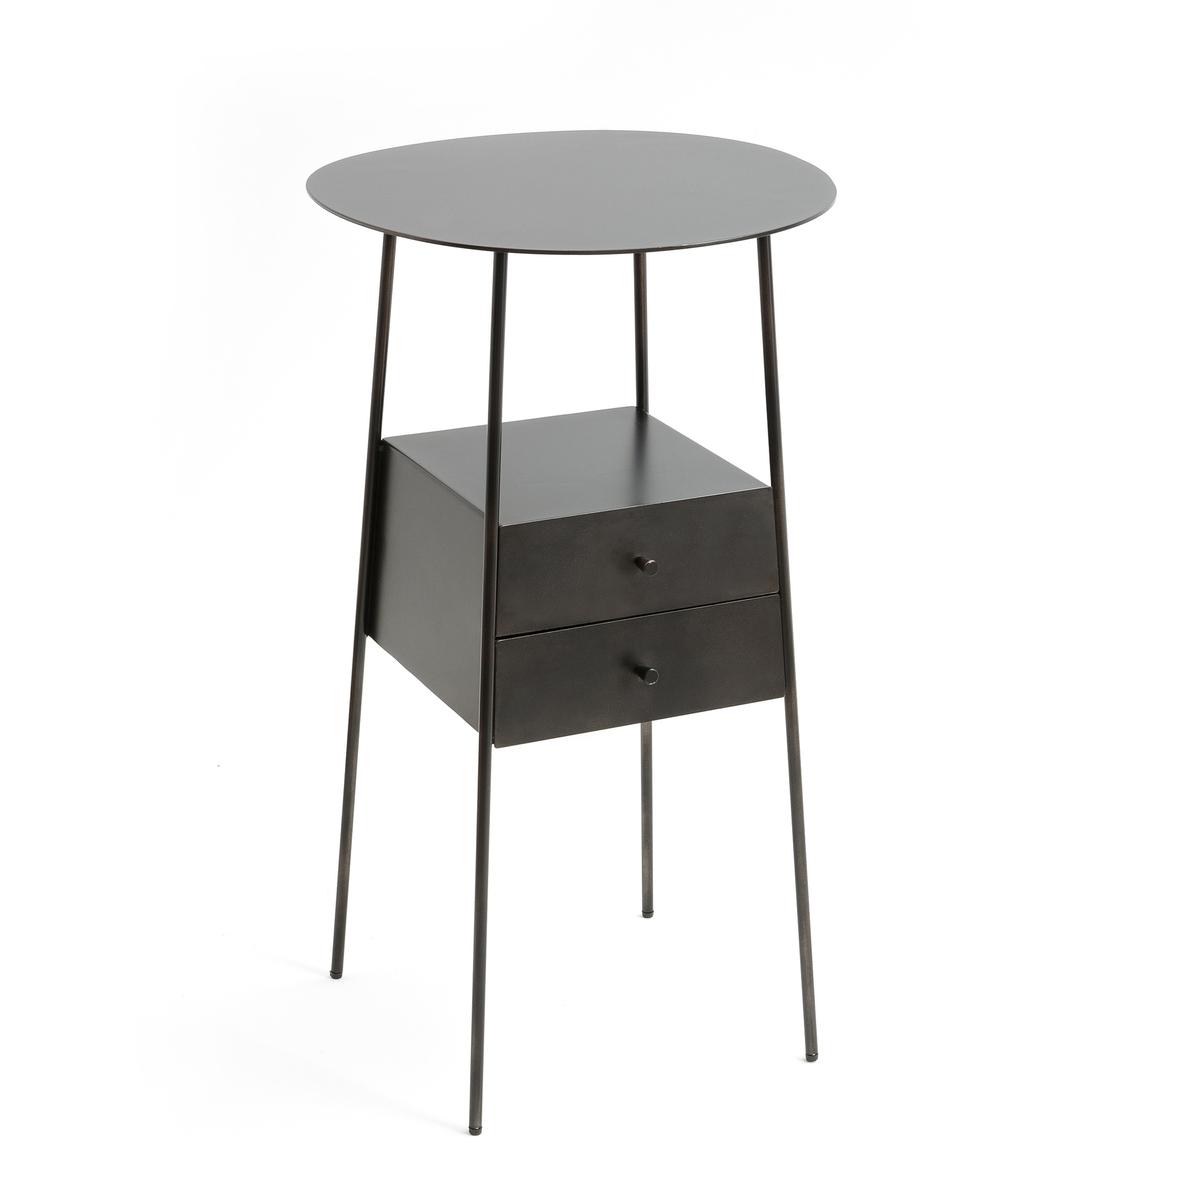 Столик прикроватный из металла, OsasunМеталлический прикроватный столик Osasun. Современная модель в авиационном стиле с состаренным эффектом. Описание :- Металл цвета серый металлик с покрытием эпоксидной краской- 2 ящика. - 2 столешницы (толщ. 2 мм)  Размеры :- ?37,5 x В66 см.Размеры и вес упаковки :- Ш.46 x В.76 x Г.46 см, 15,9 кг<br><br>Цвет: темно-серый металл